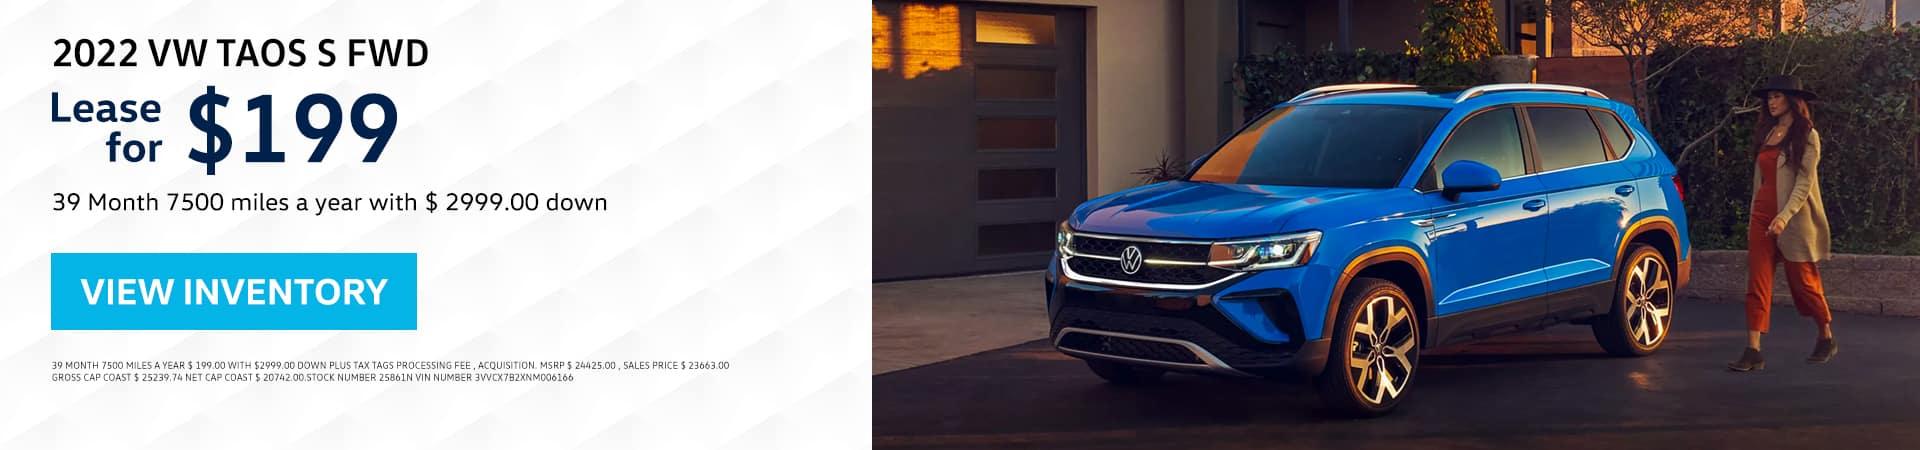 2022 VW Taos